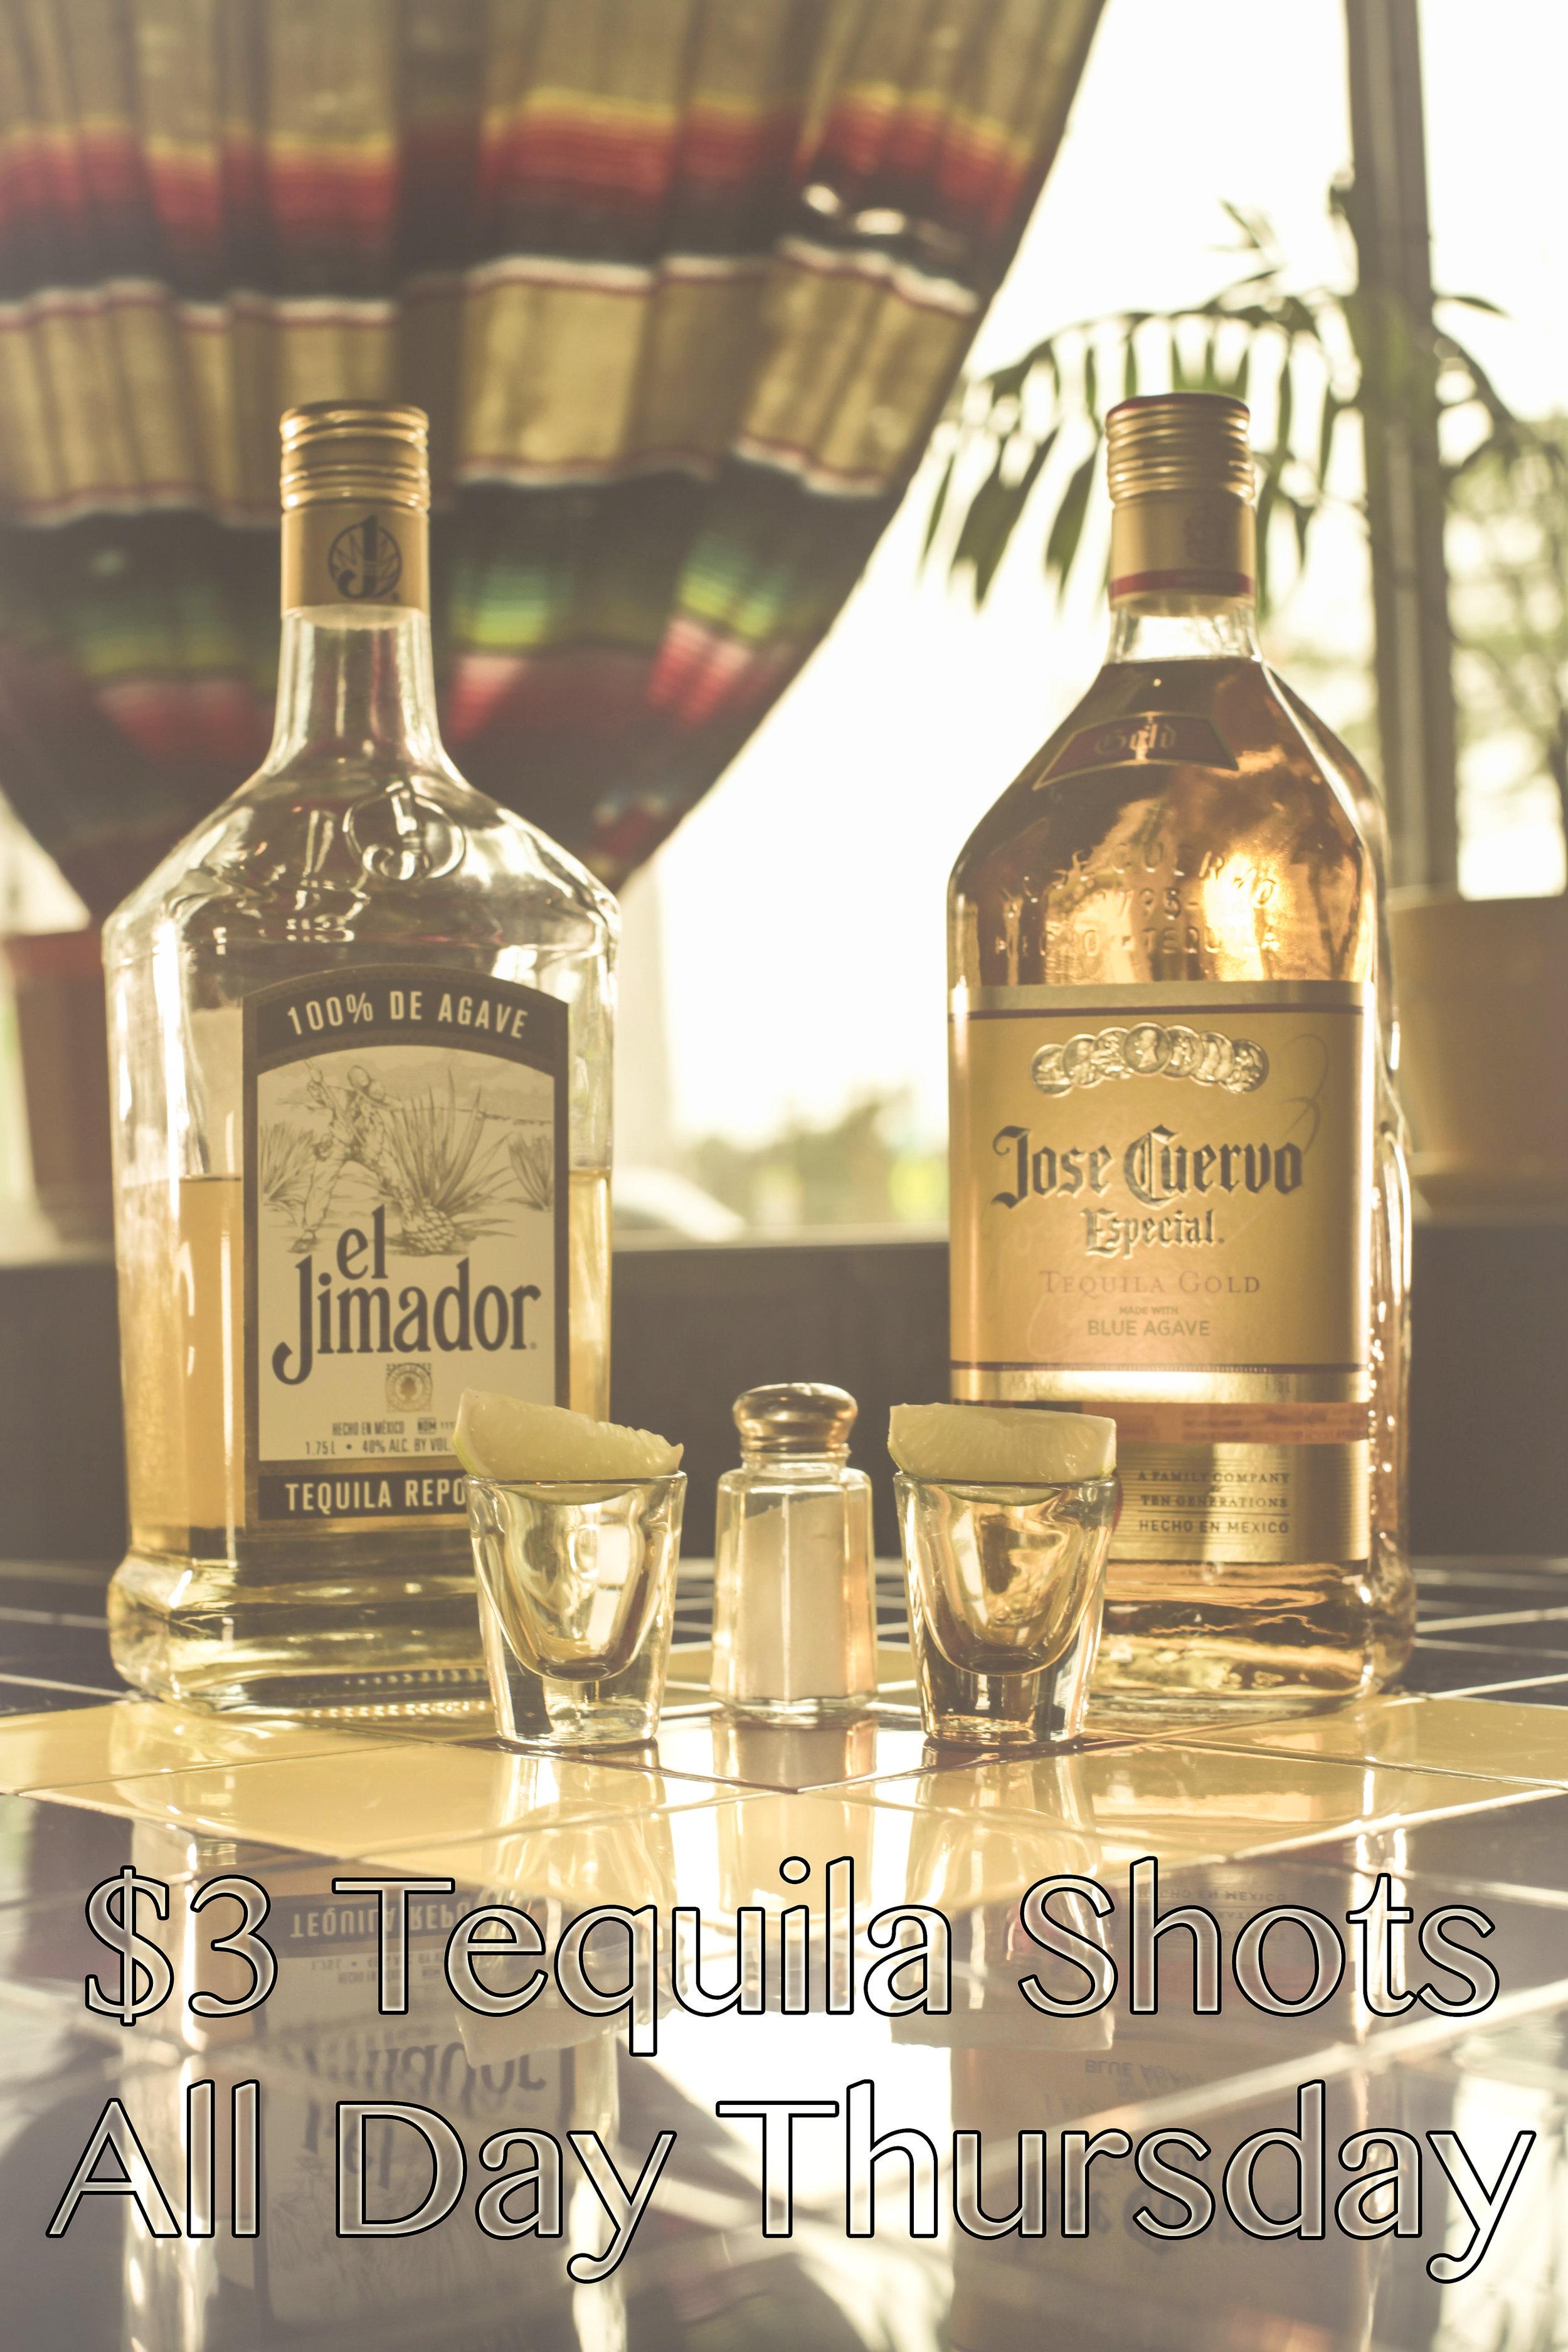 $3 El Jimador and Jose Cuervo Shots